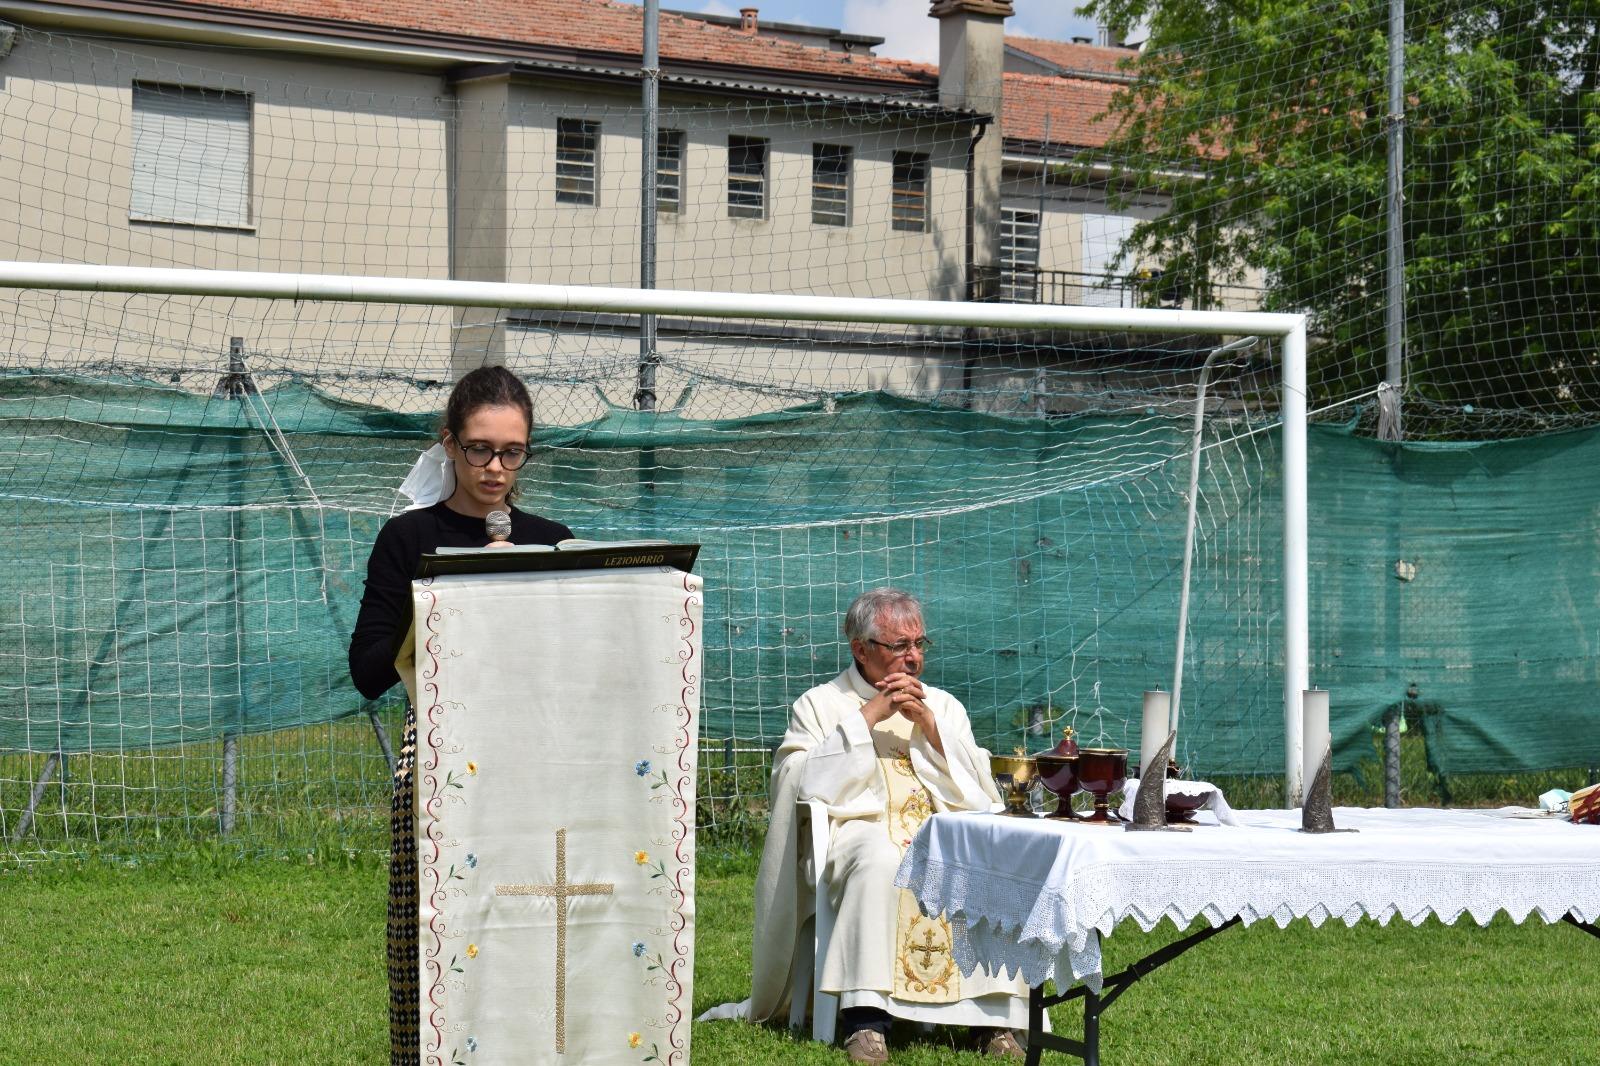 Santa messa domenica 24 maggio 2020 (10)